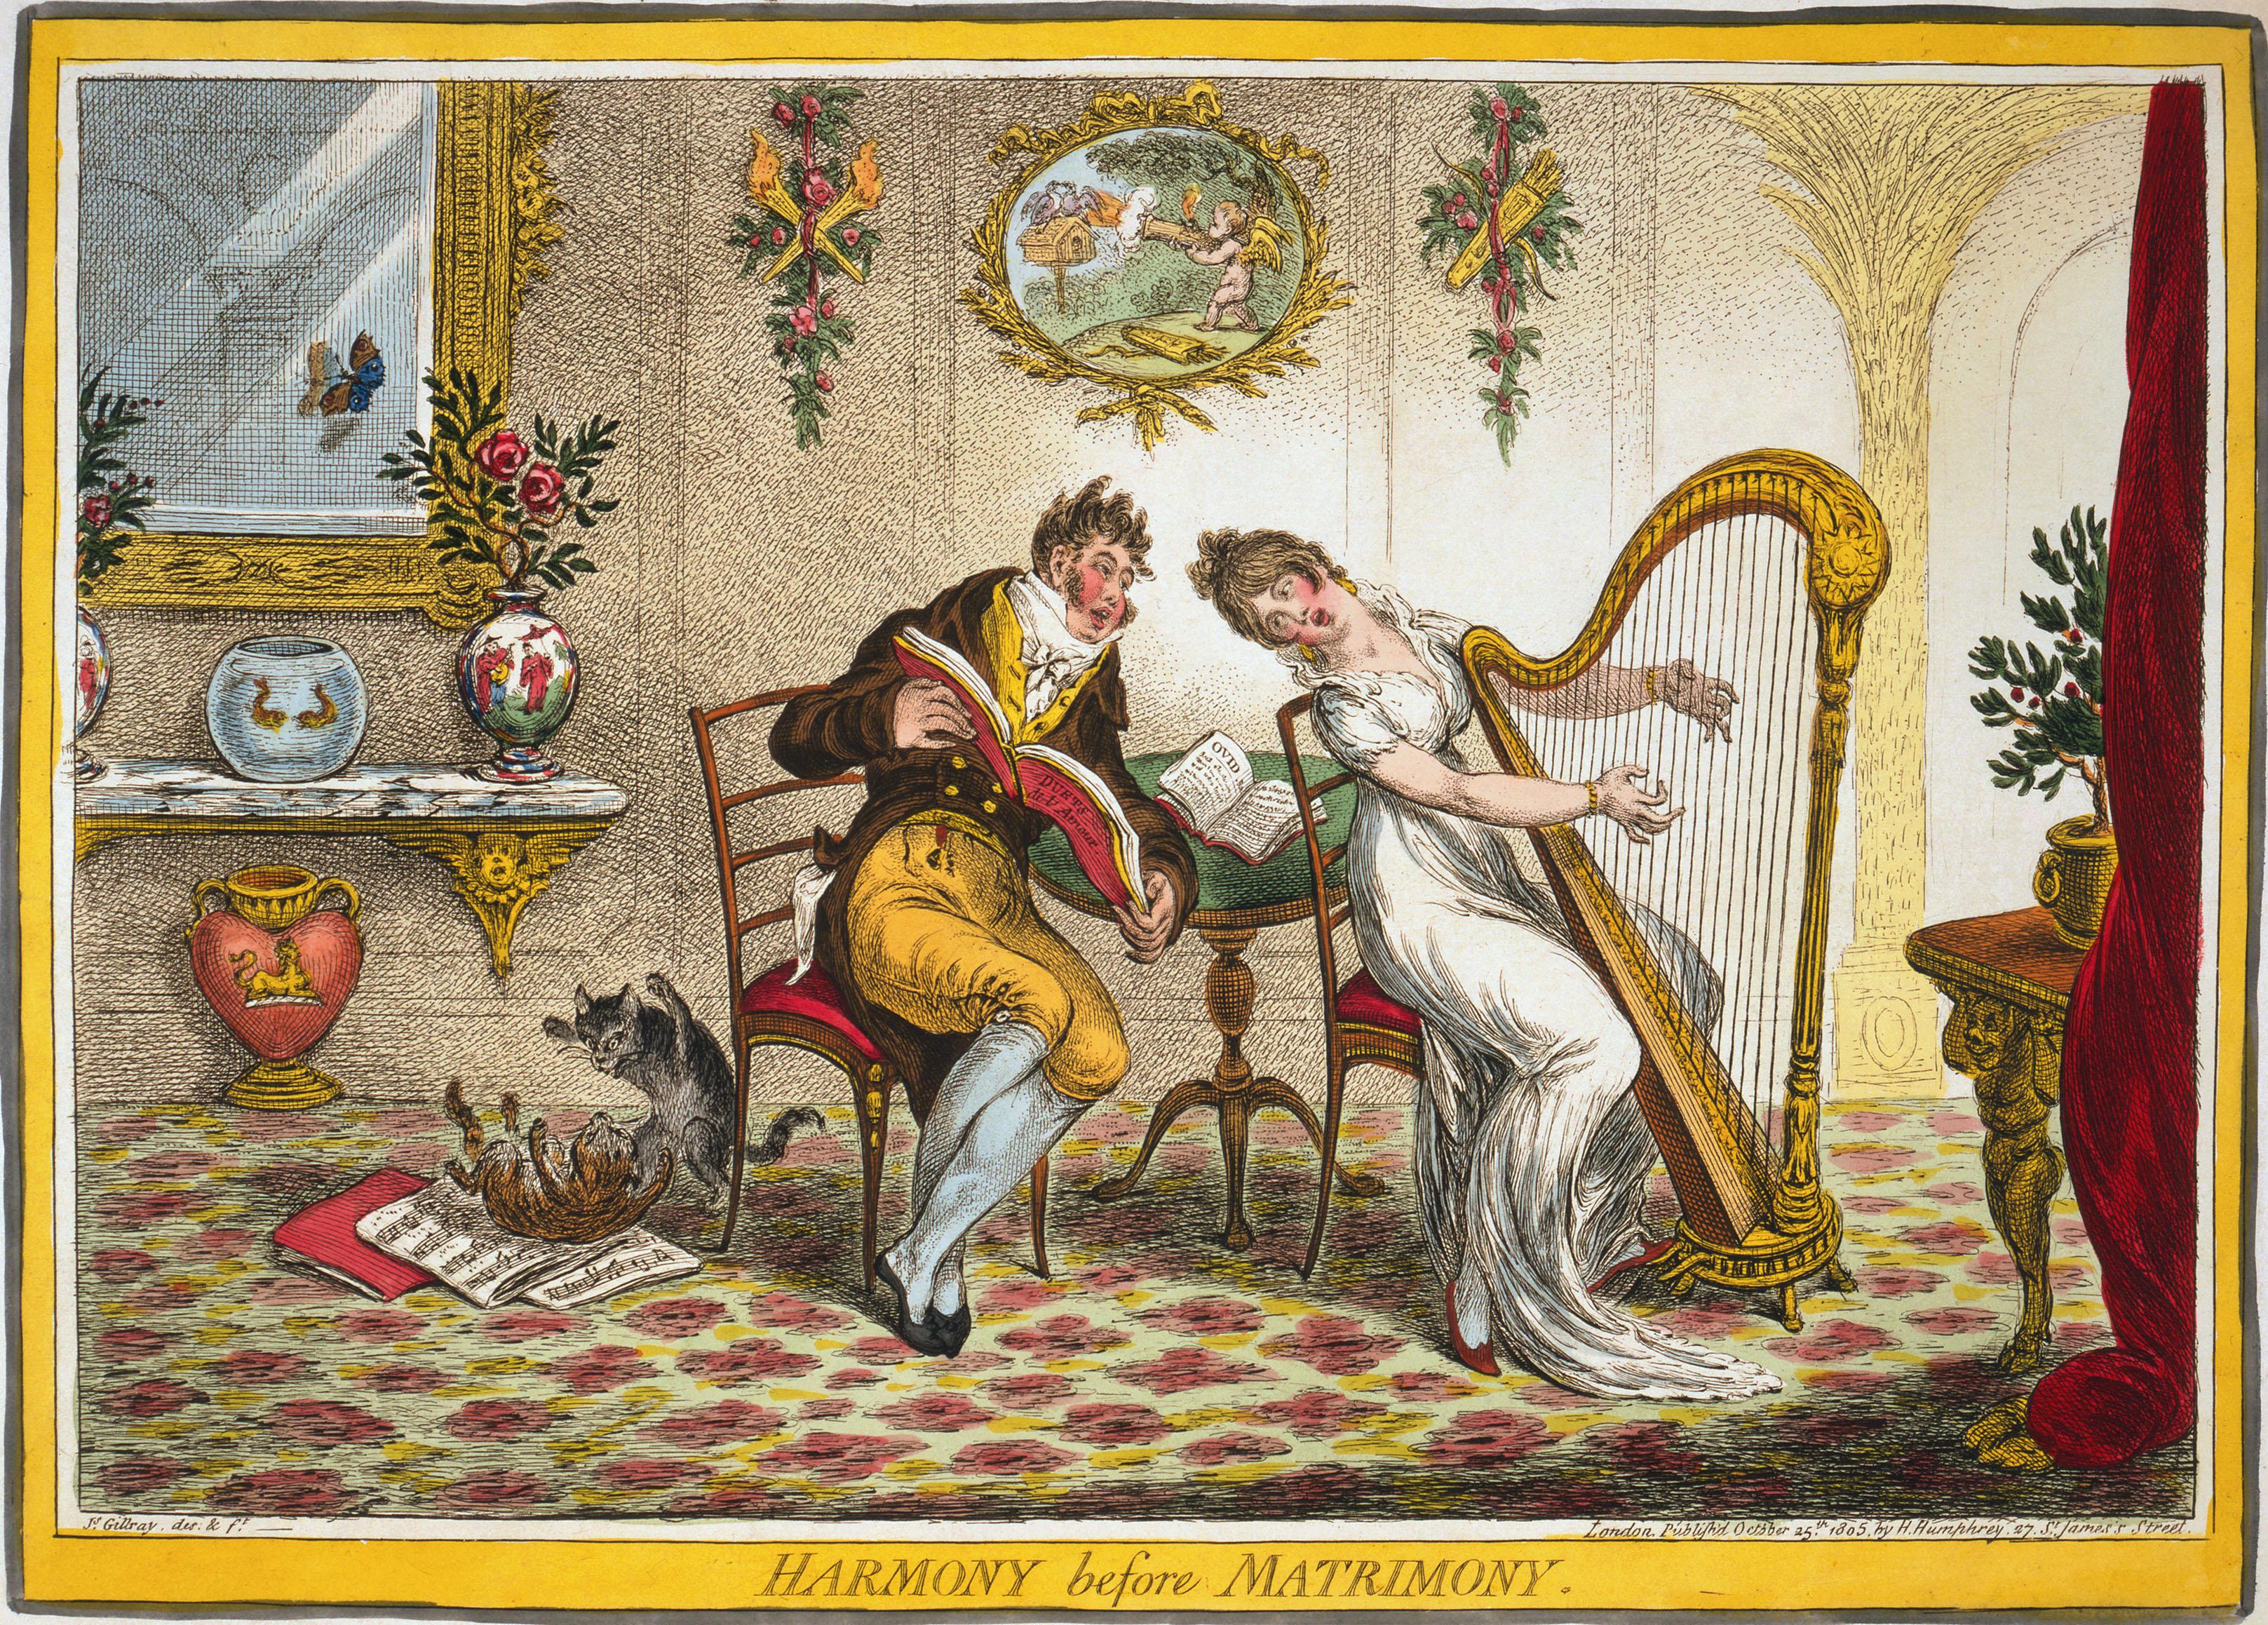 1805-gillray-harmony-before-matrimony.jpg